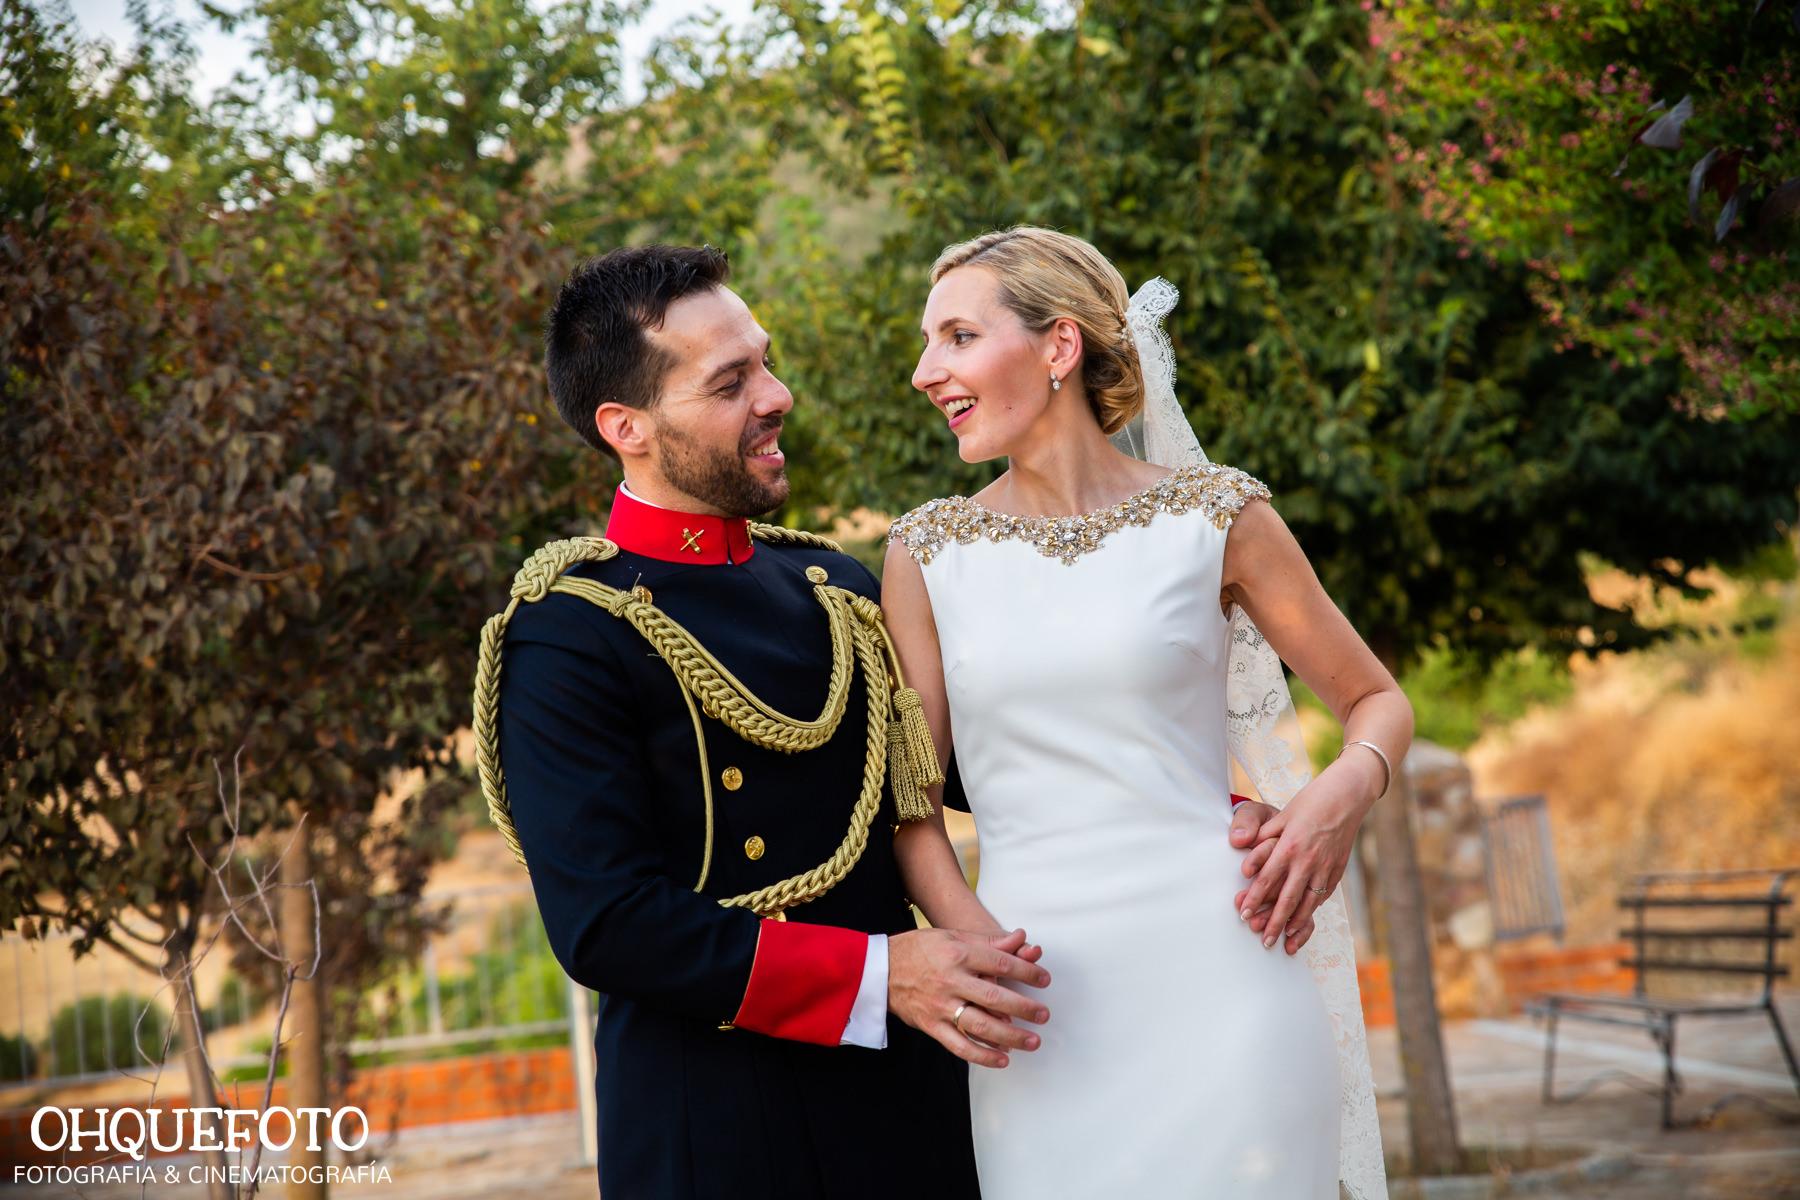 boda en la peraleda boda en cabeza del buey boda en capilla reportaje de bodas en almaden video de bodas en cordoba467 - Jose y Gema - Boda en Zarza Capilla y la Finca La Peraleda (Chillón)